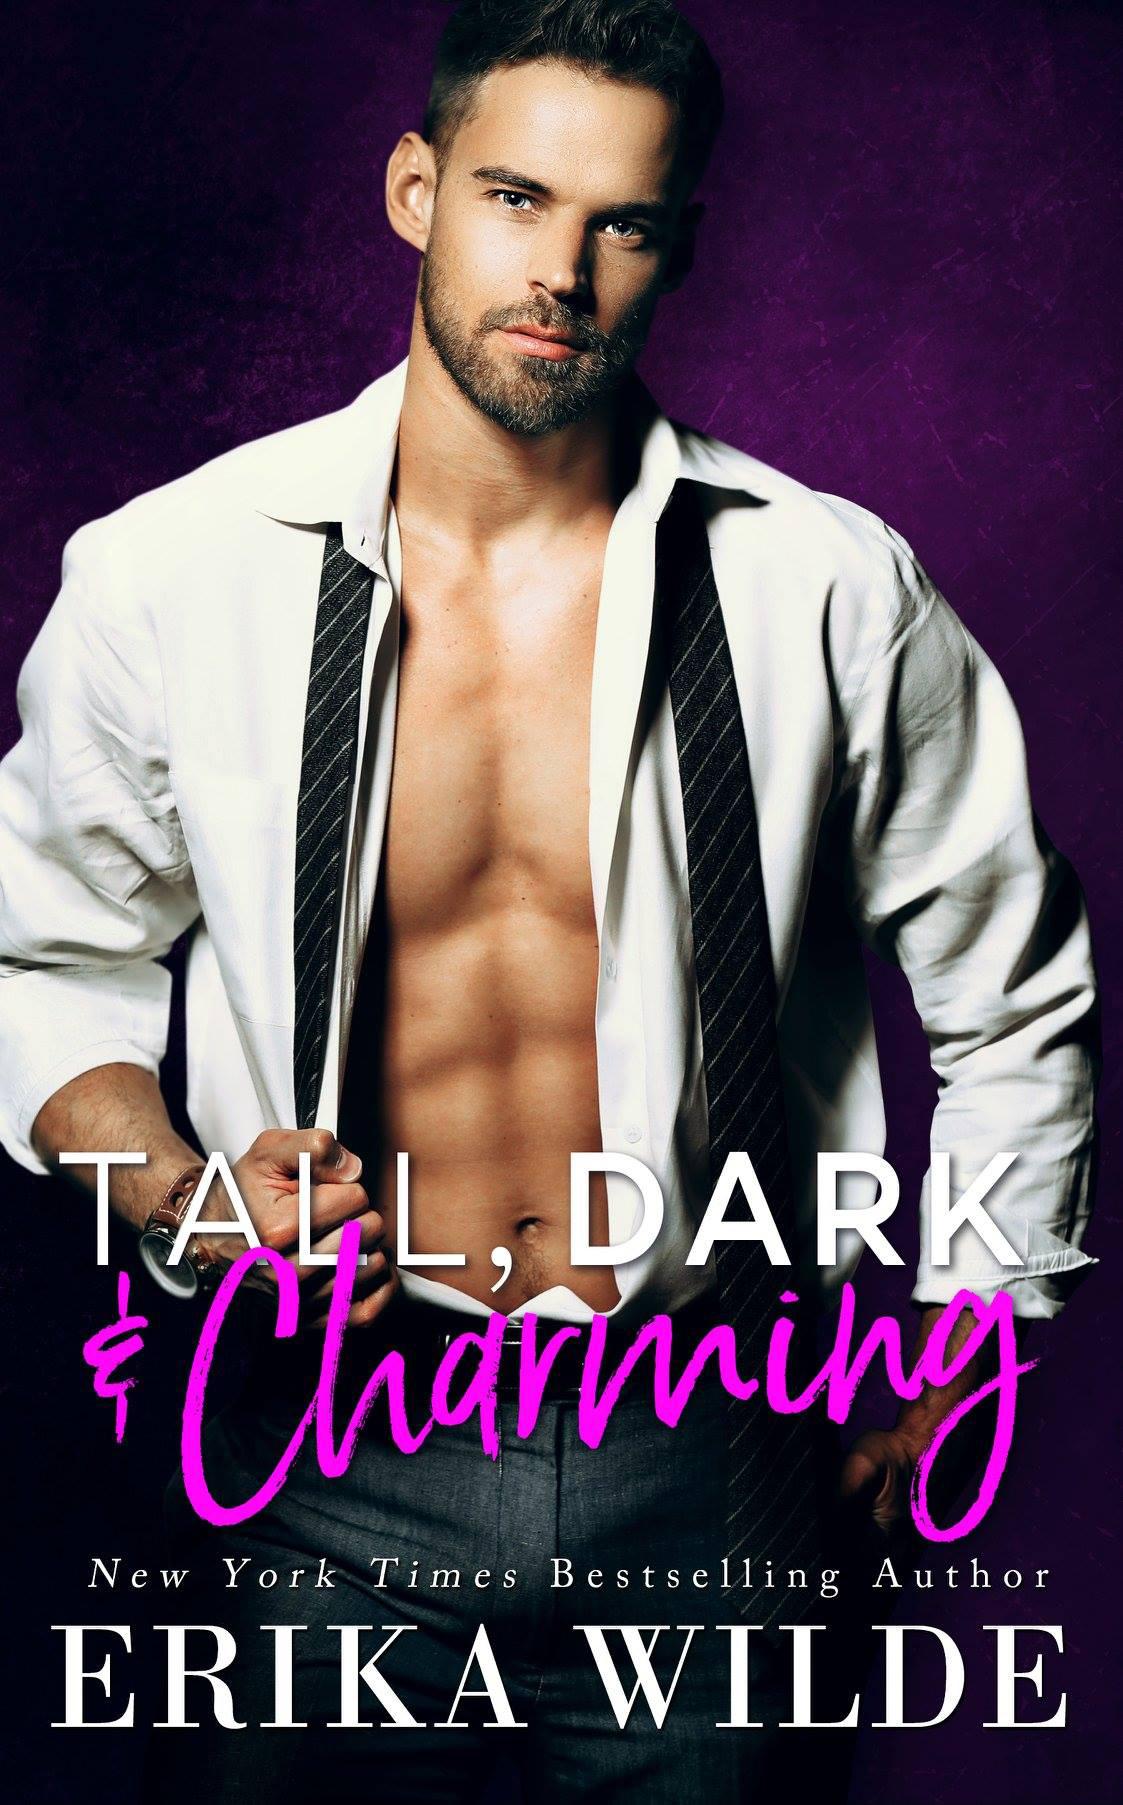 TALL, DARK & CHARMING